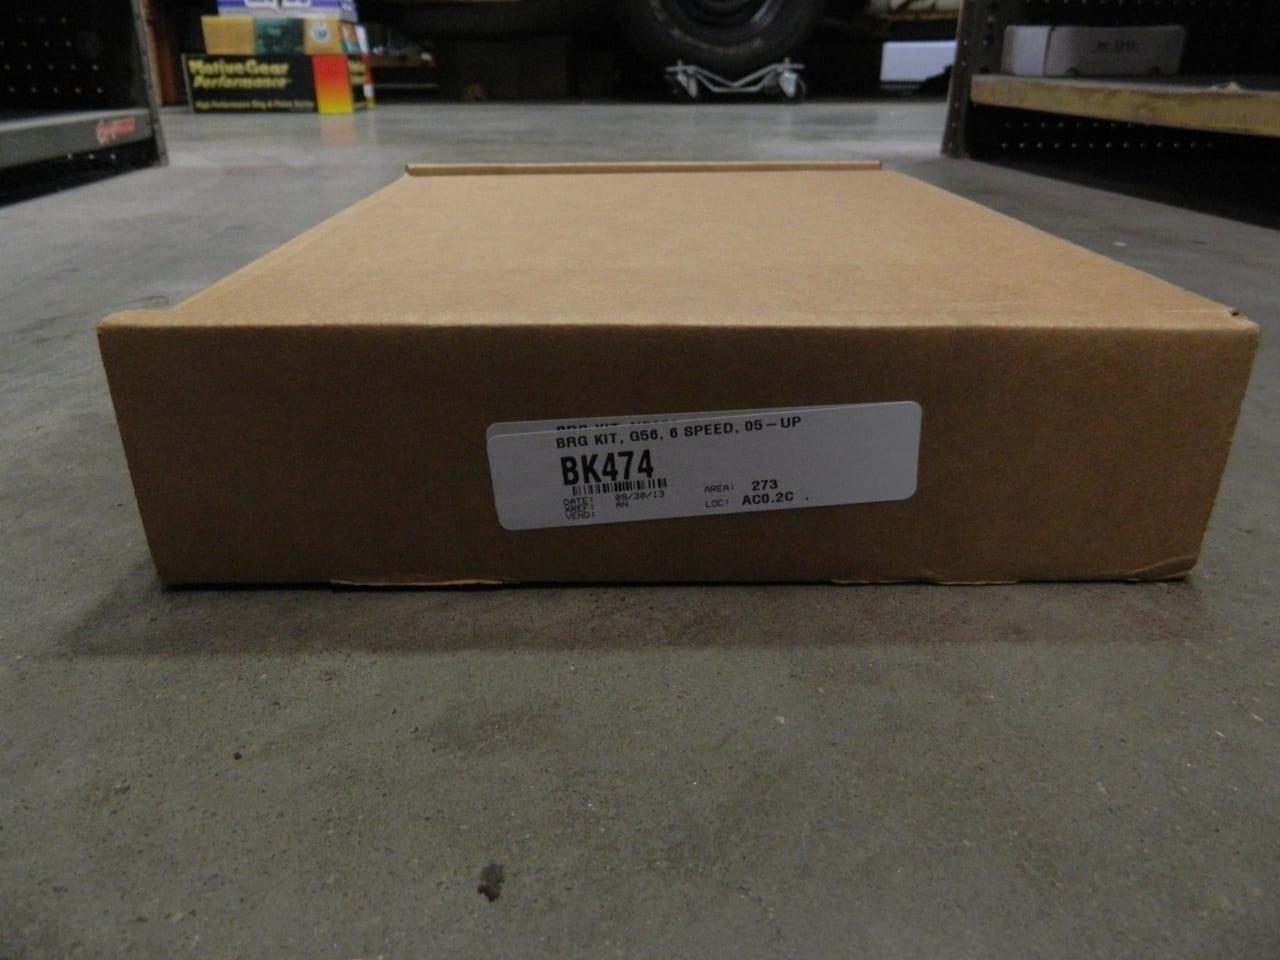 Bearing & seal kit G56 Dodge diesel 6 speed manual transmission 5.9 & 6.7